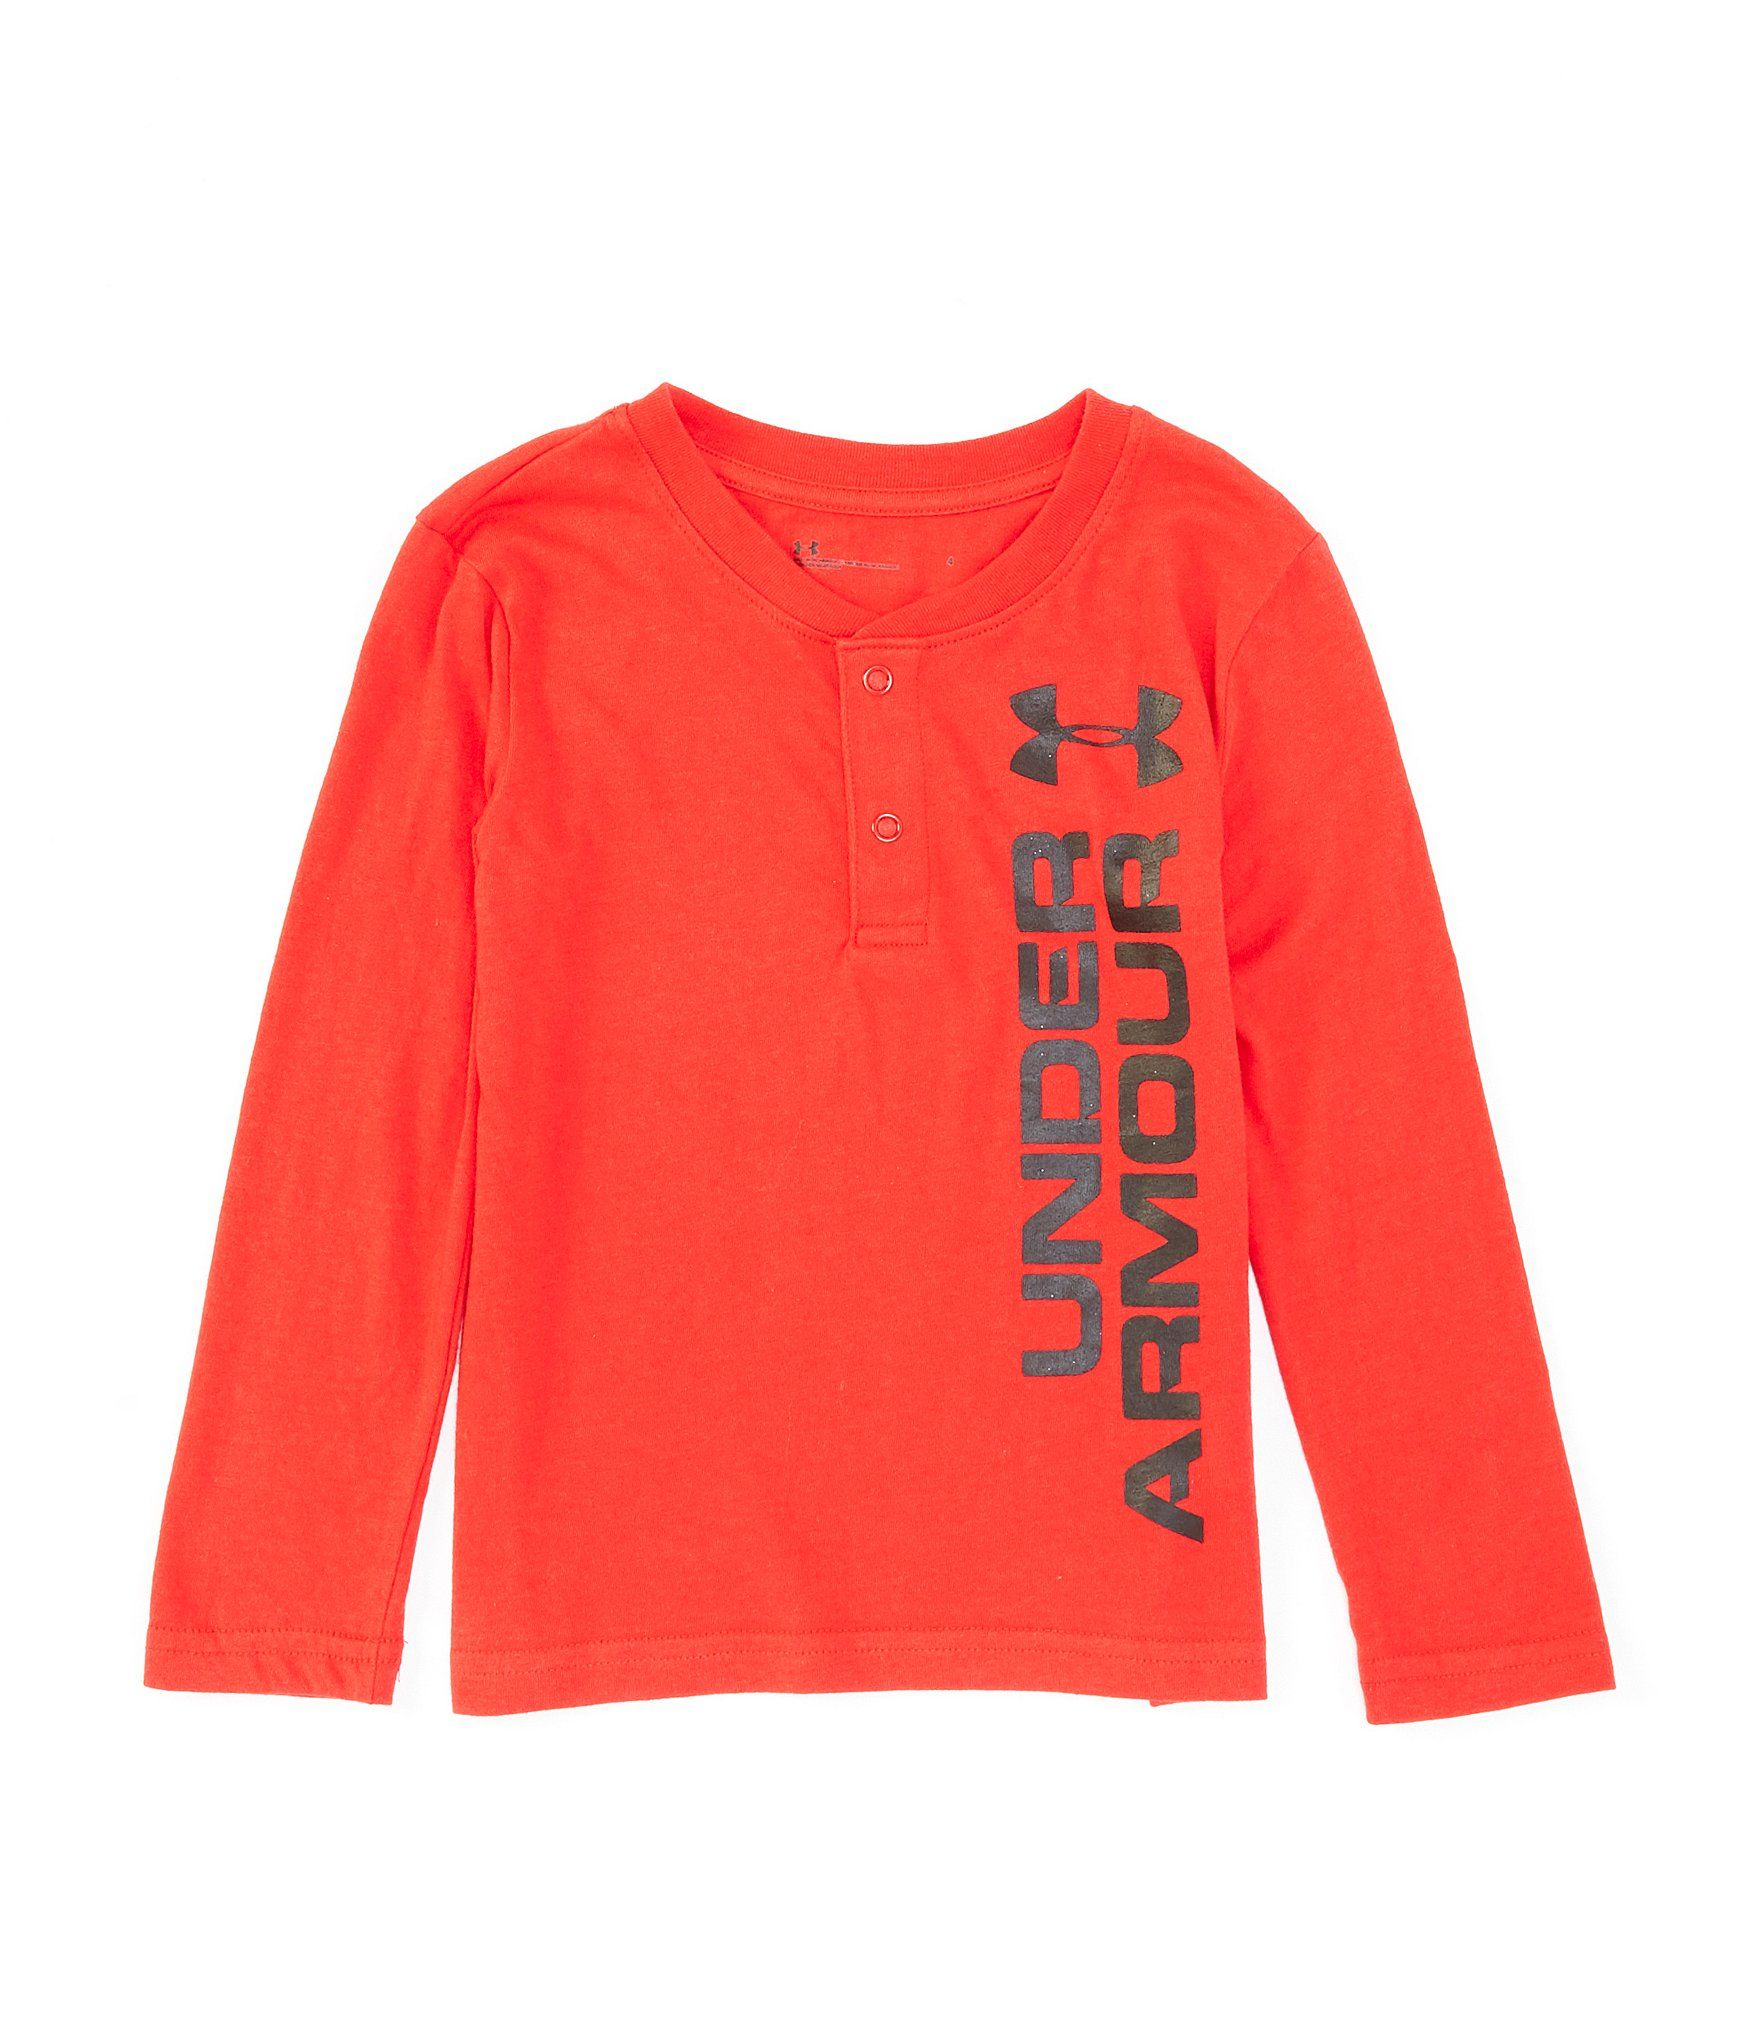 Under Armour Boys Long Sleeve Henley Tee Shirt